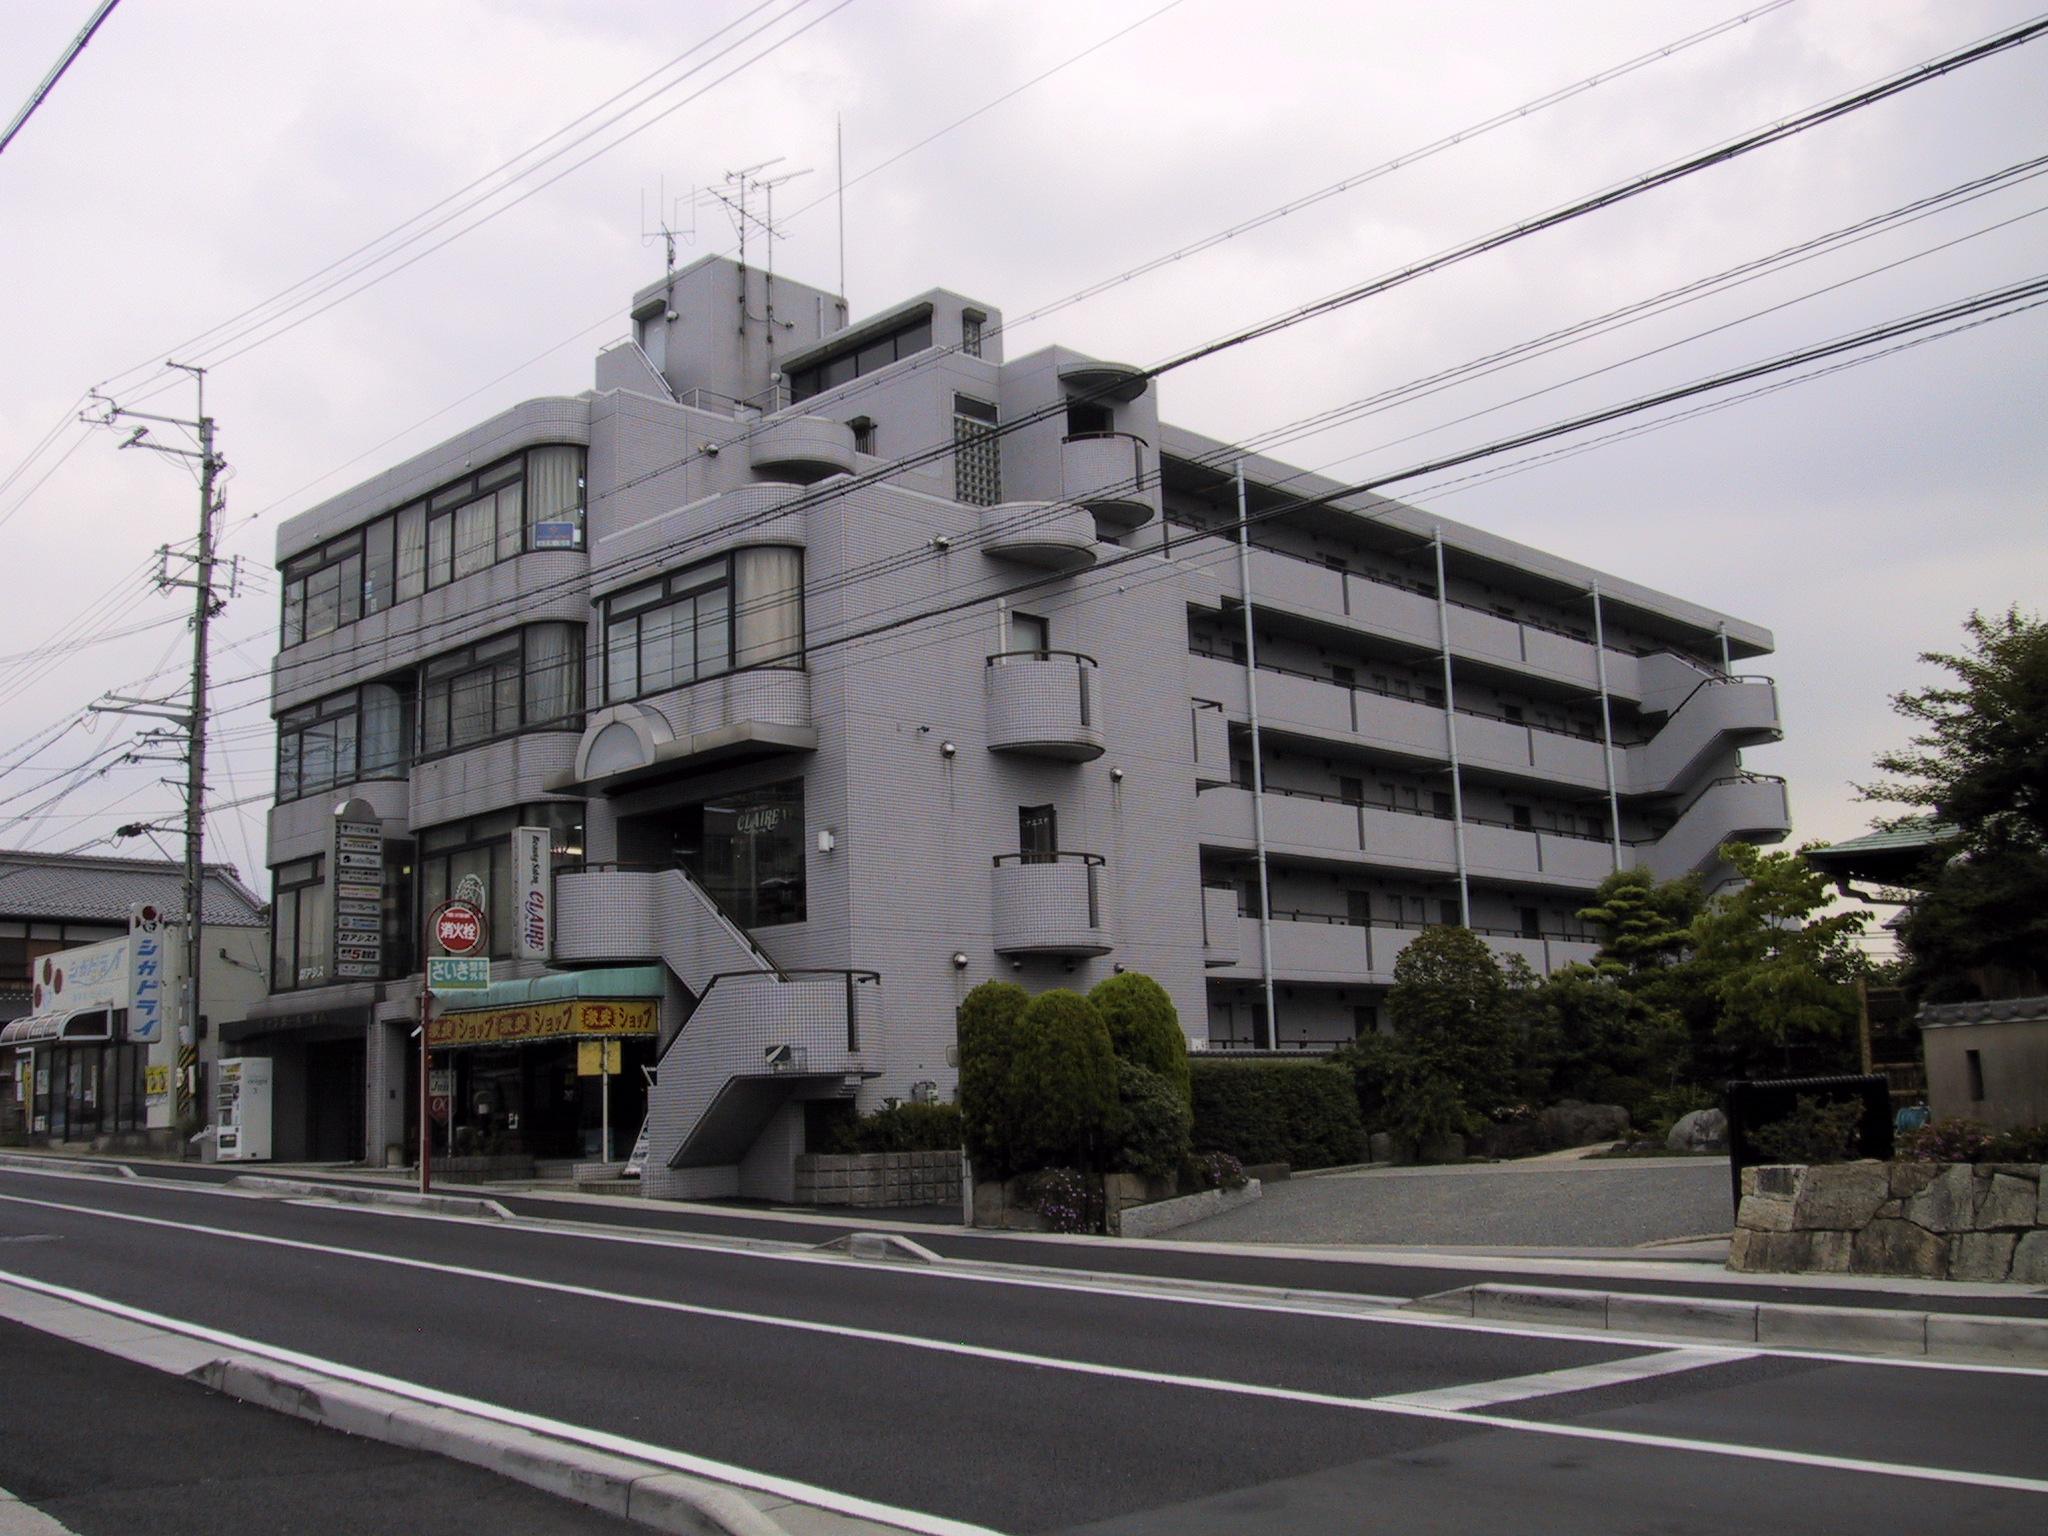 大津市 JR瀬田駅徒歩11分、瀬田学園通り沿い、4F事務所、教室に適したテナント